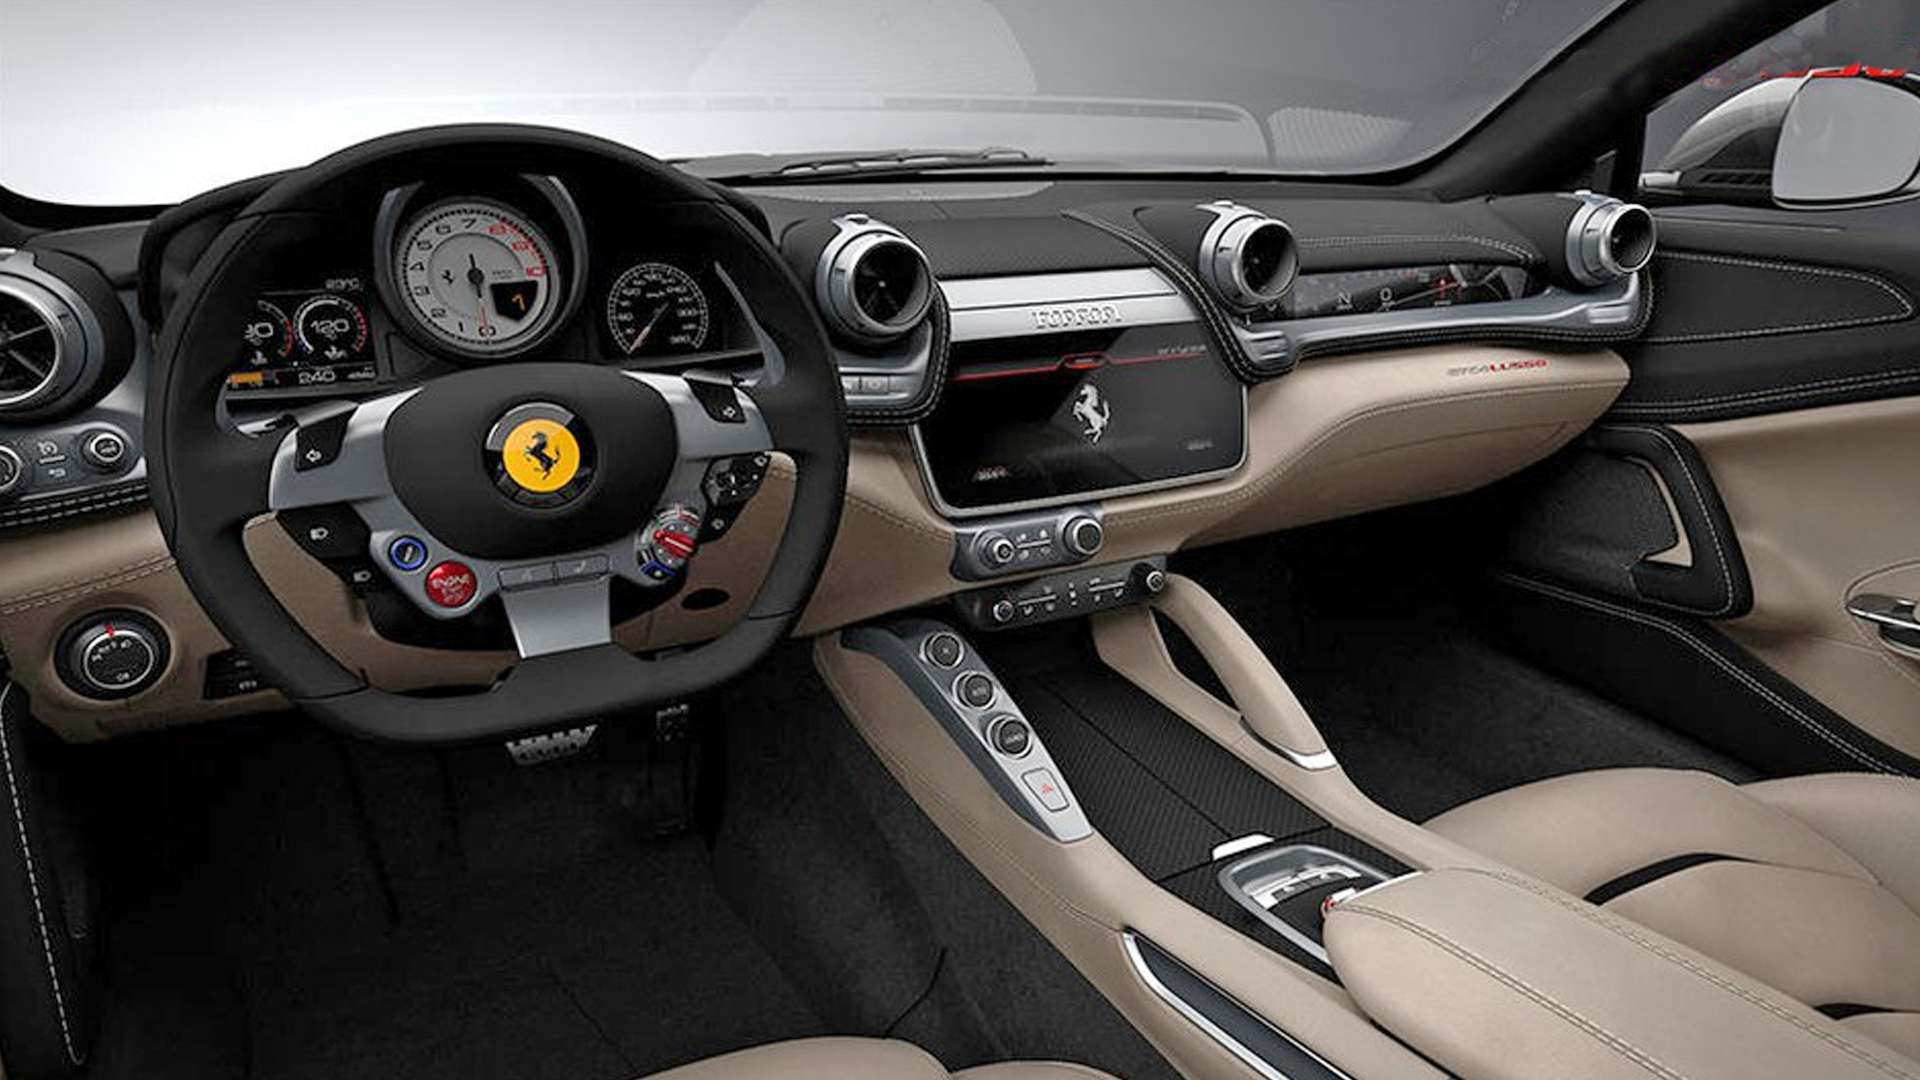 Ferrari Gtc4lusso 2017 Interior Car Photos Overdrive